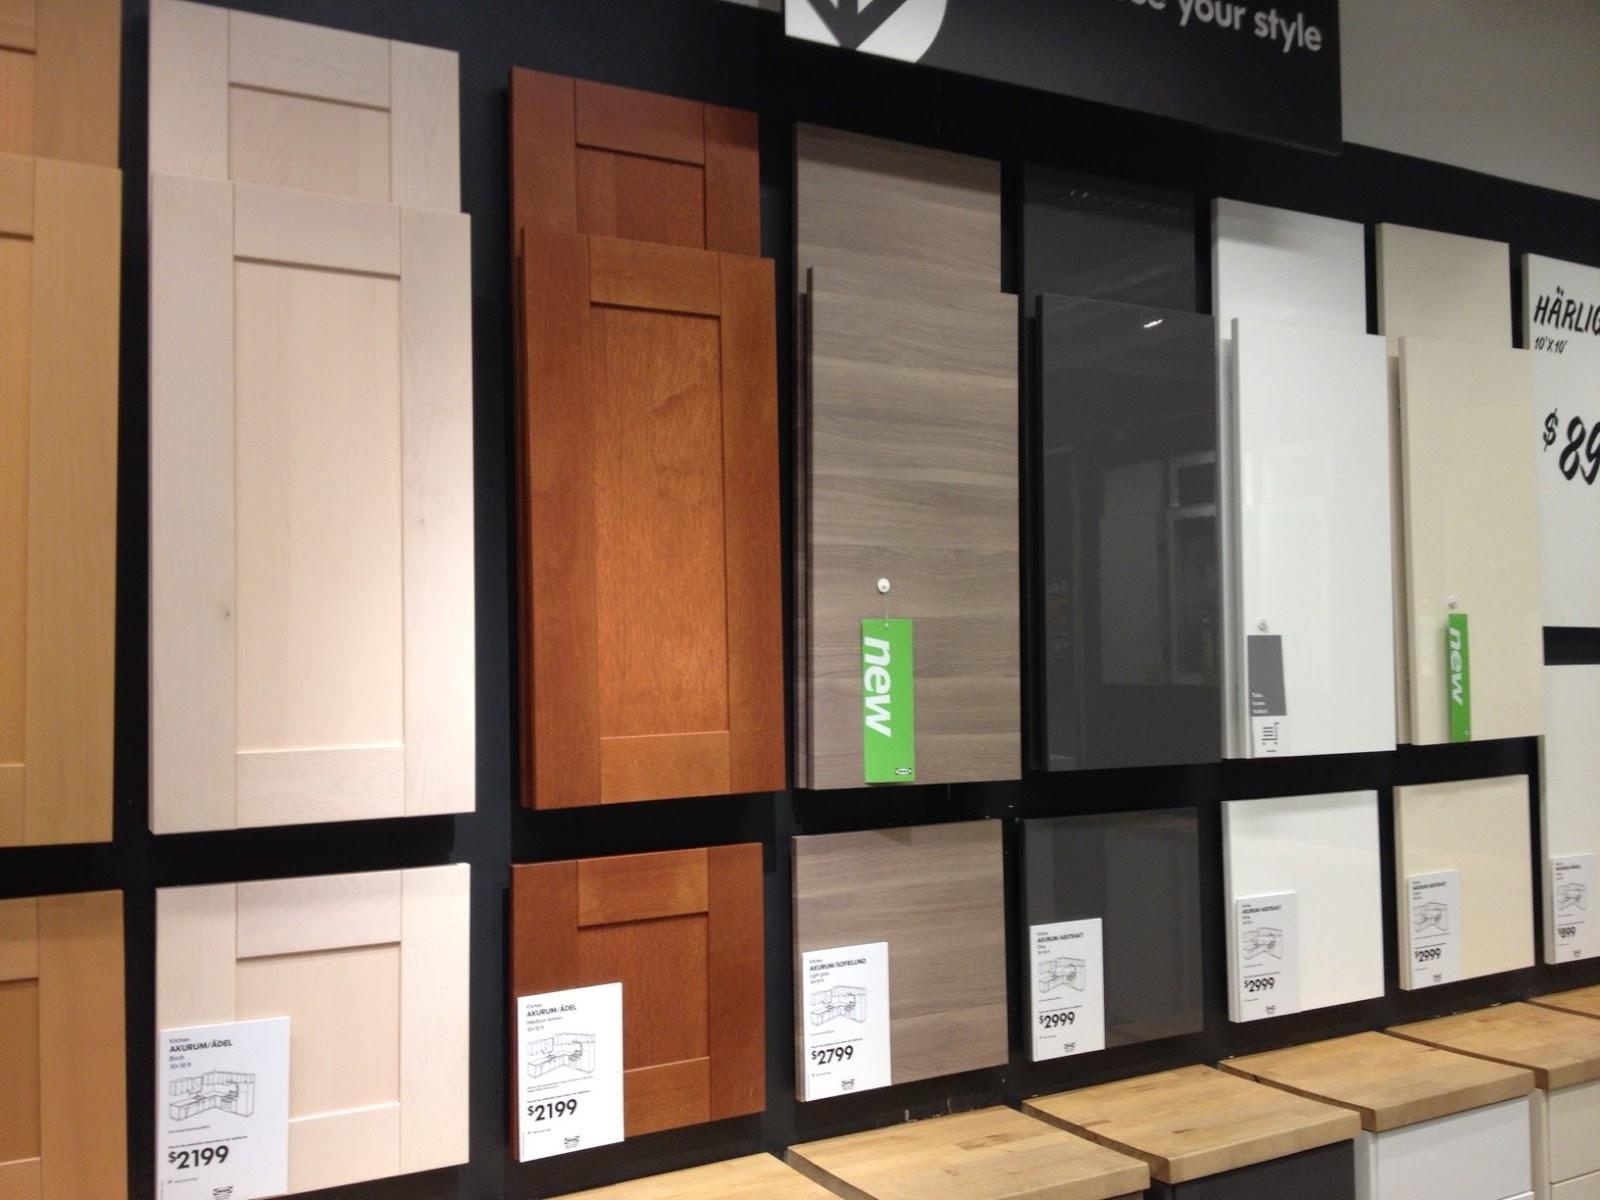 ikea kitchen cabinets door lineup buy kitchen cabinet doors IKEA Kitchen Cabinets the Door lineup